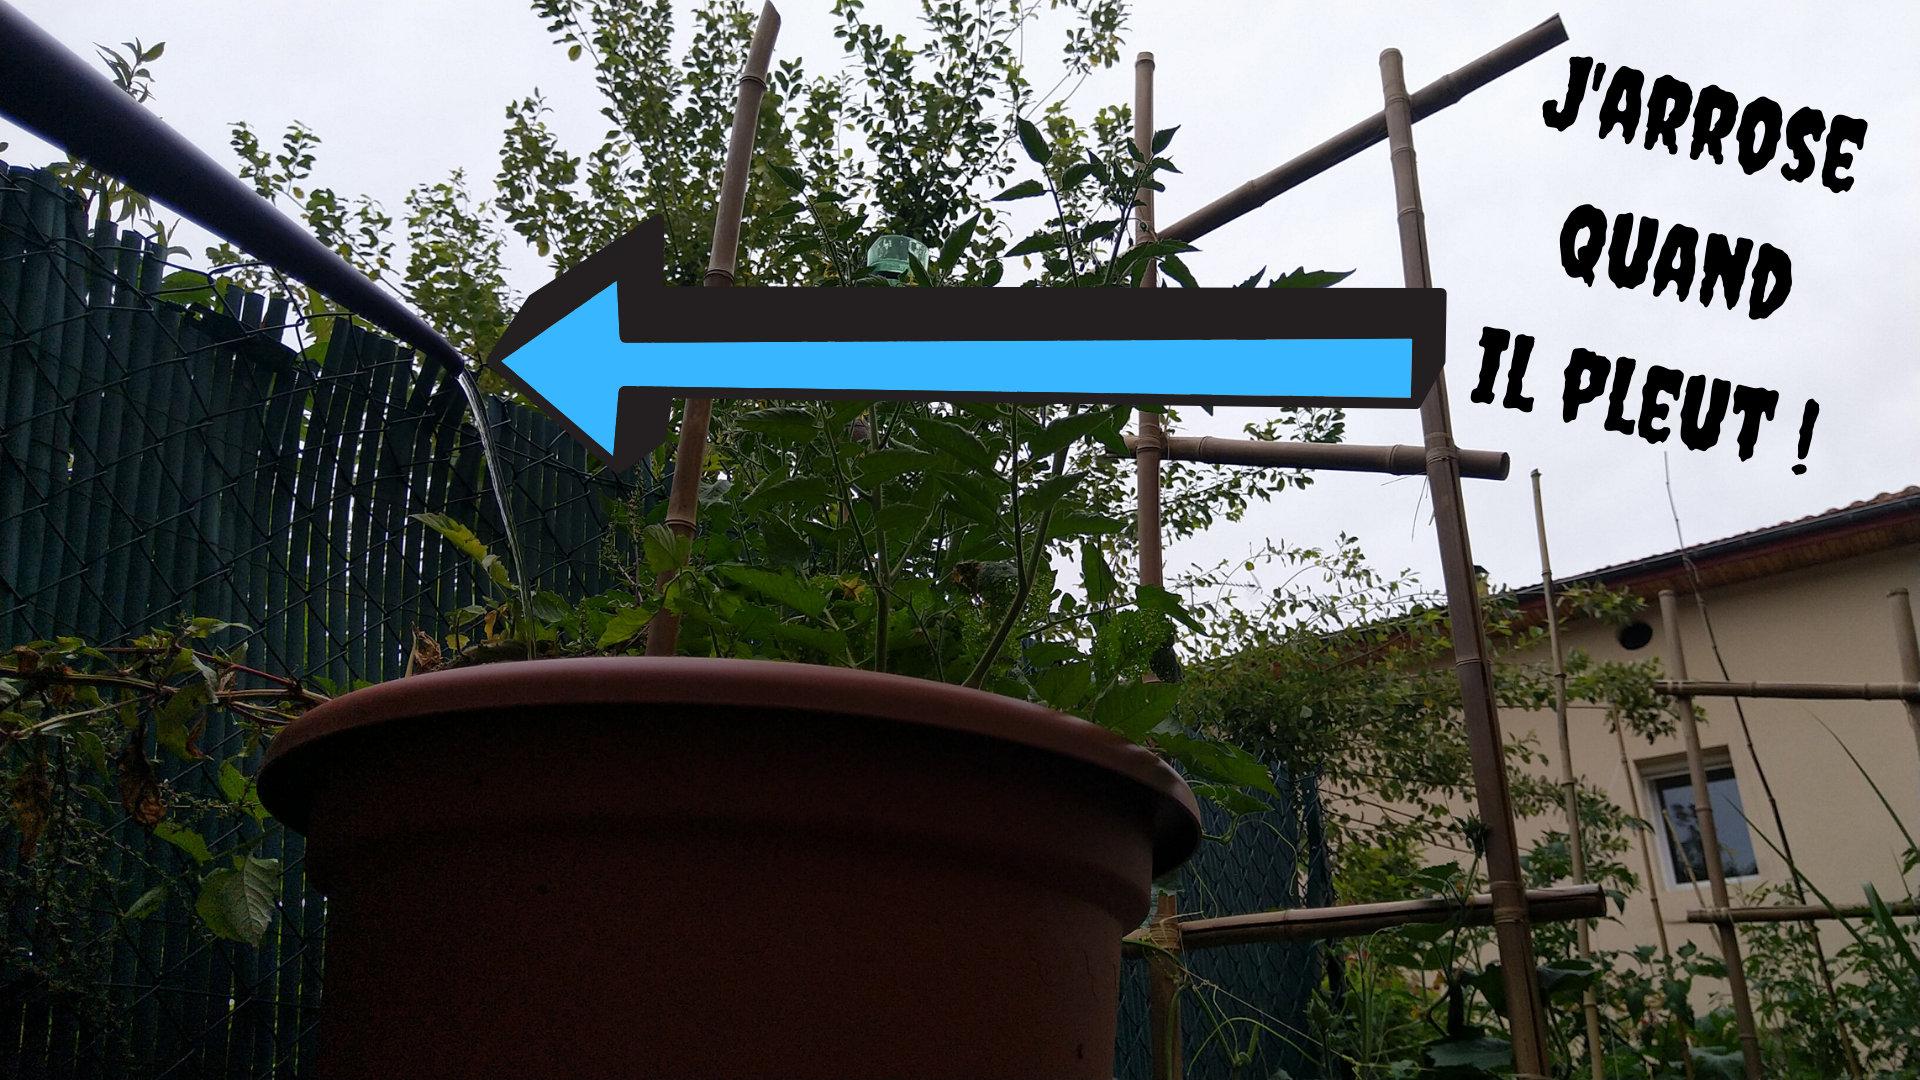 arroser-pluie-pot-fleurs-permaculture